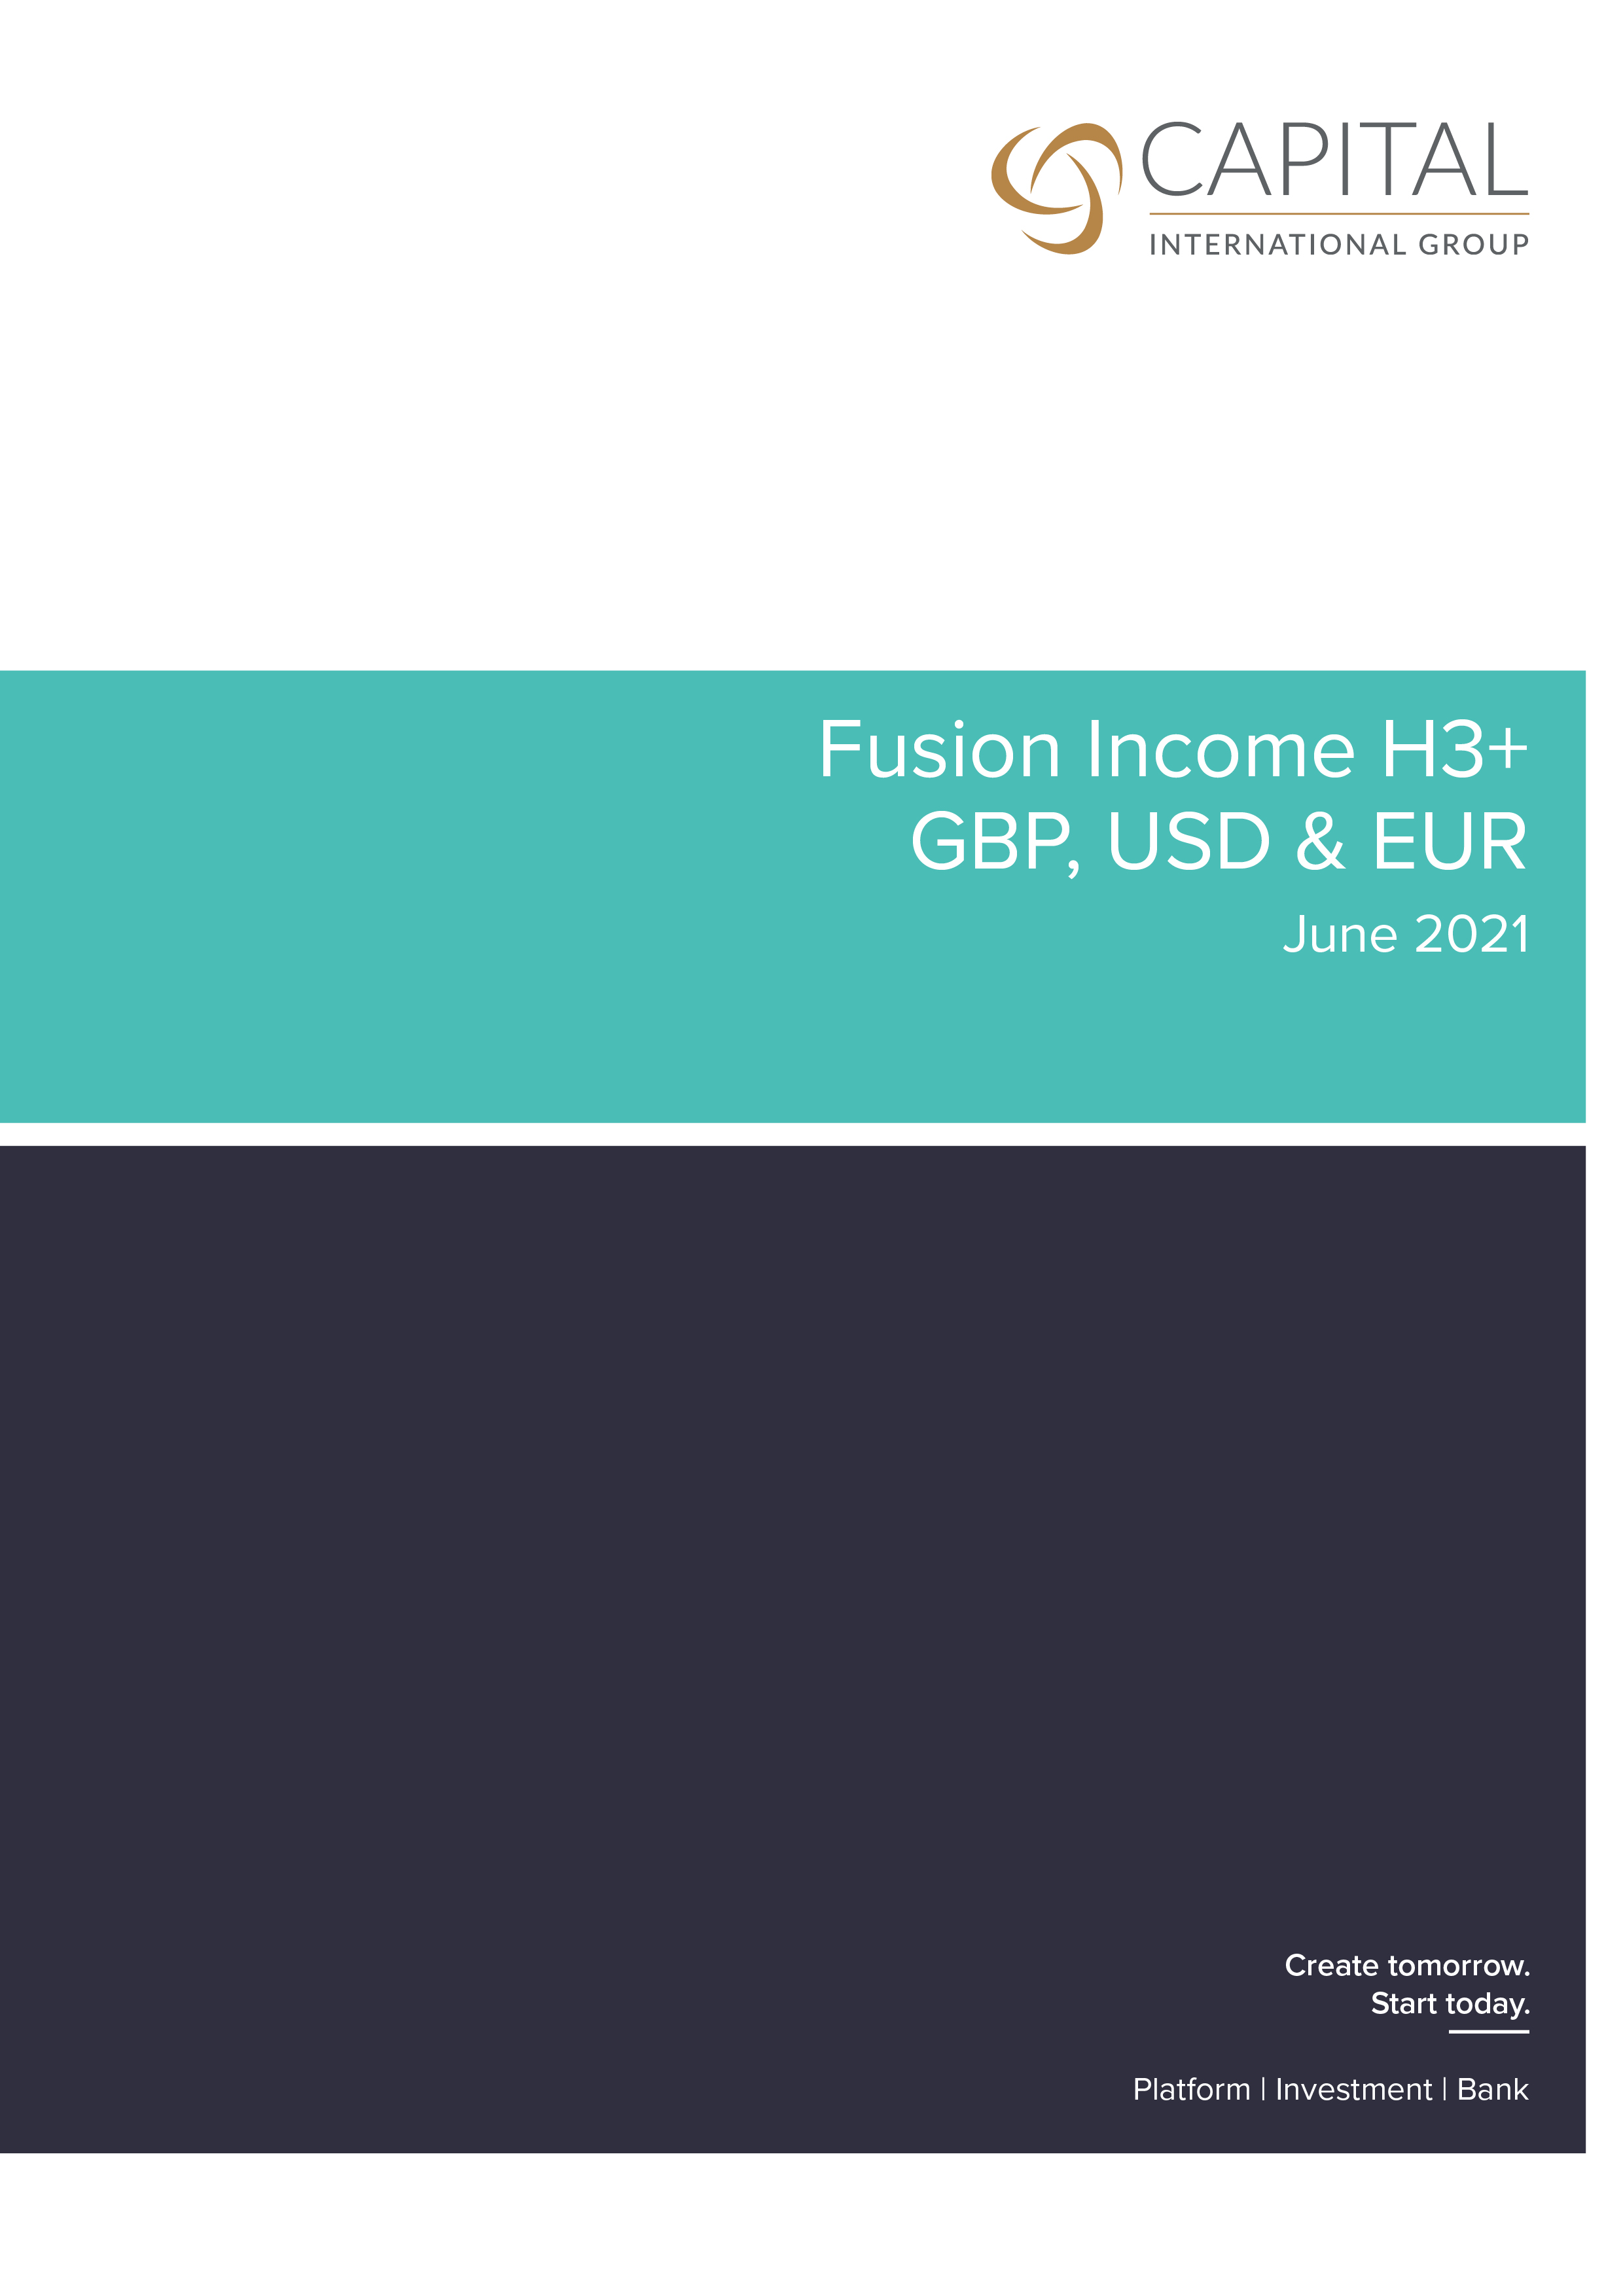 Fusion Income H3+ June 2021